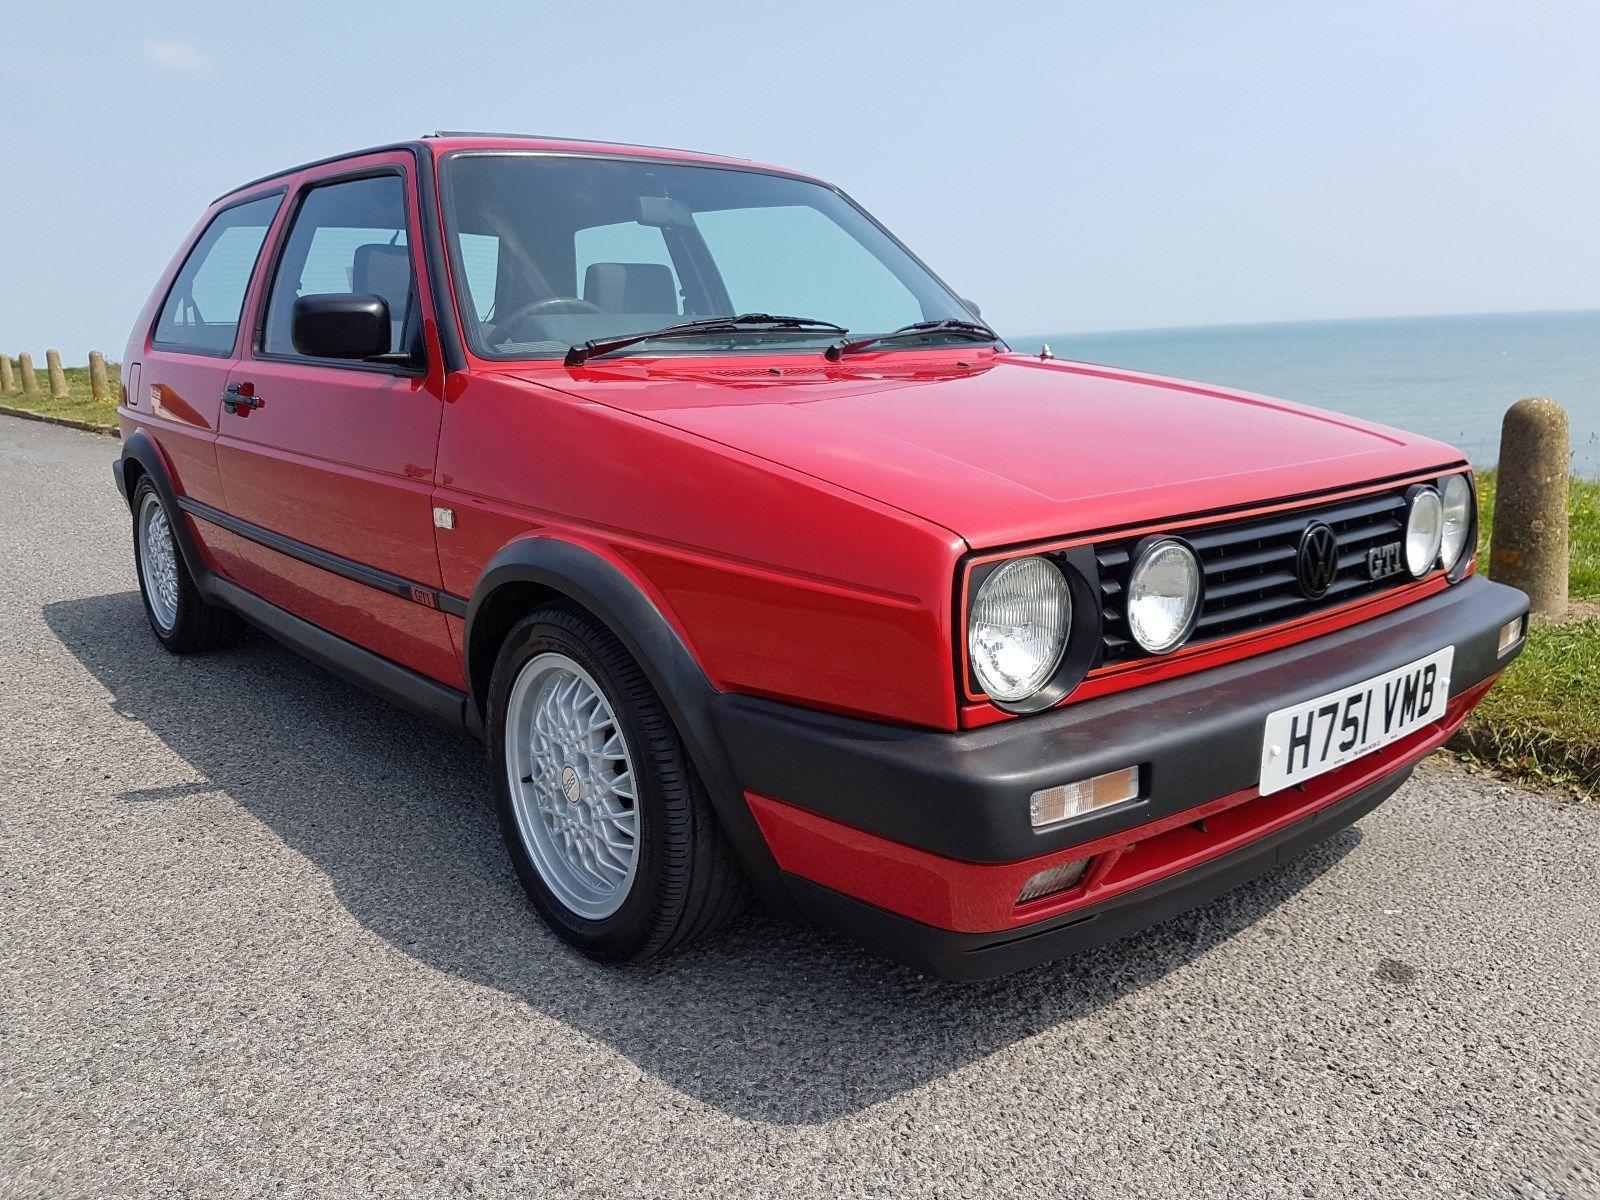 Volkswagen Golf Mk2 Gti 8v 3dr 1990 H 100 Original One Of The Best